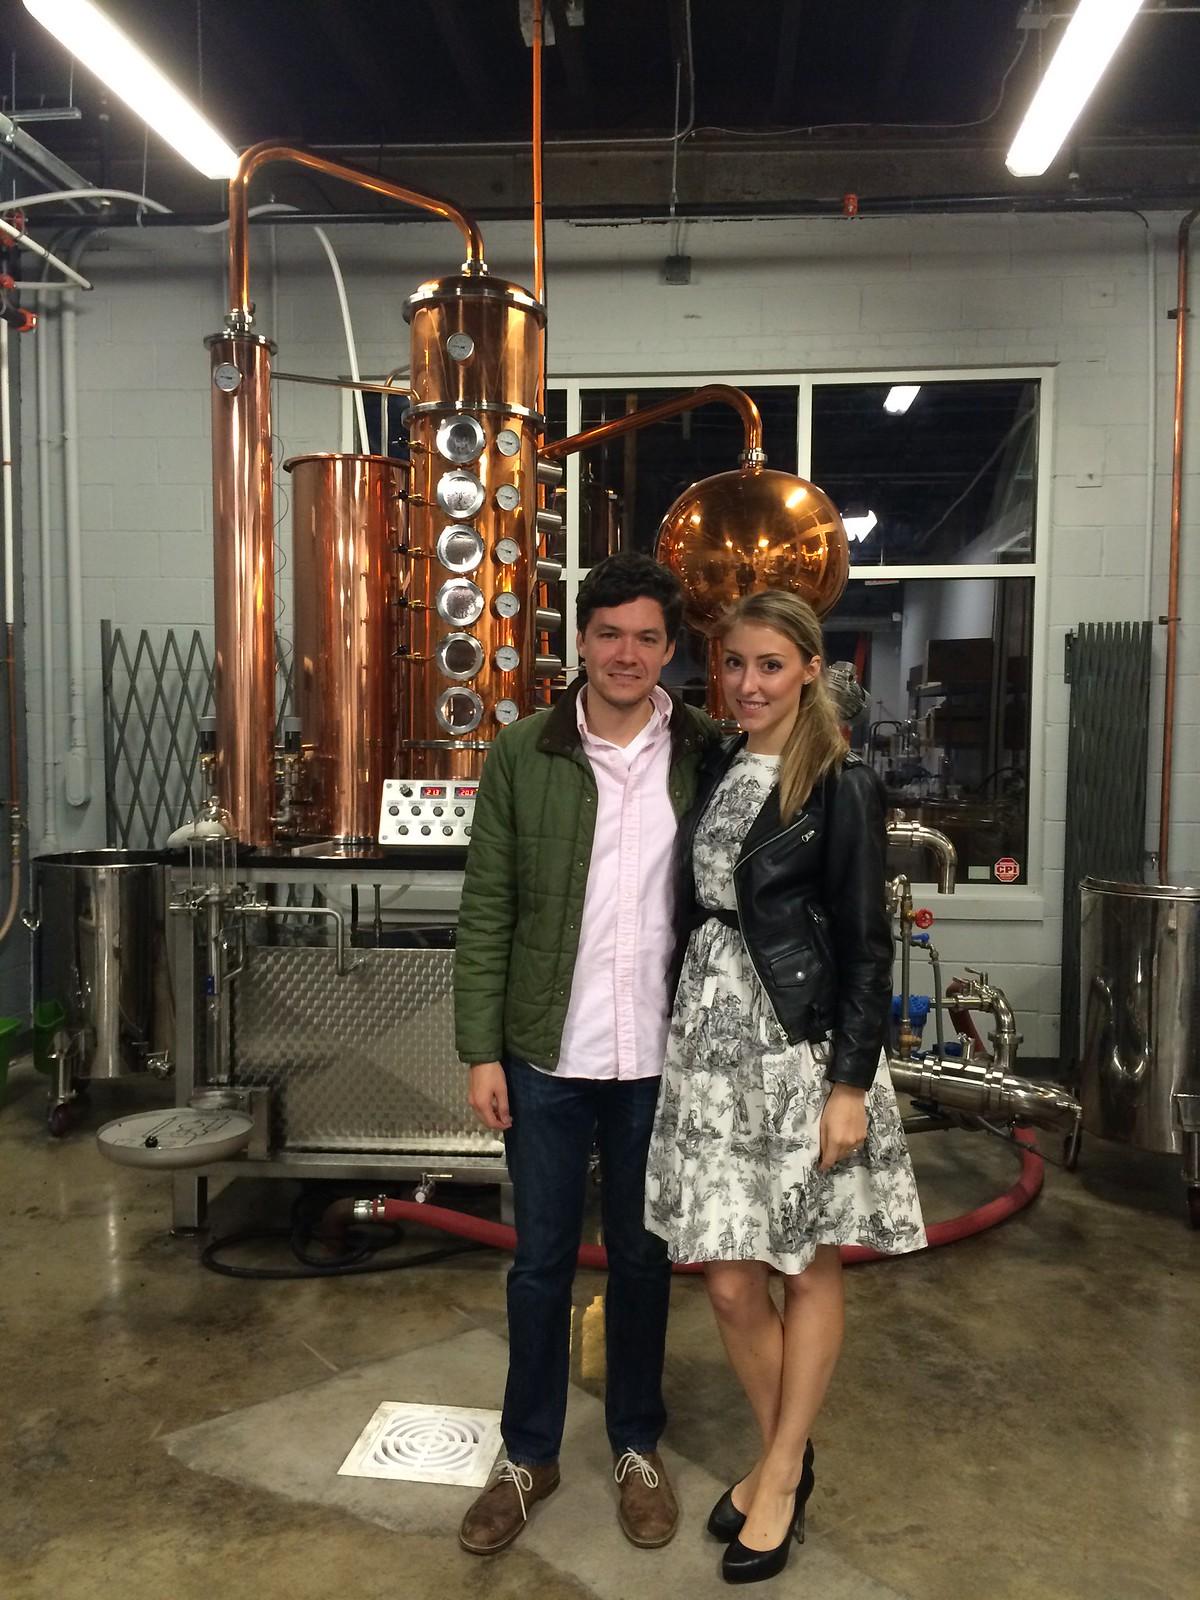 durham distillery | allie J. | alliemjackson.com